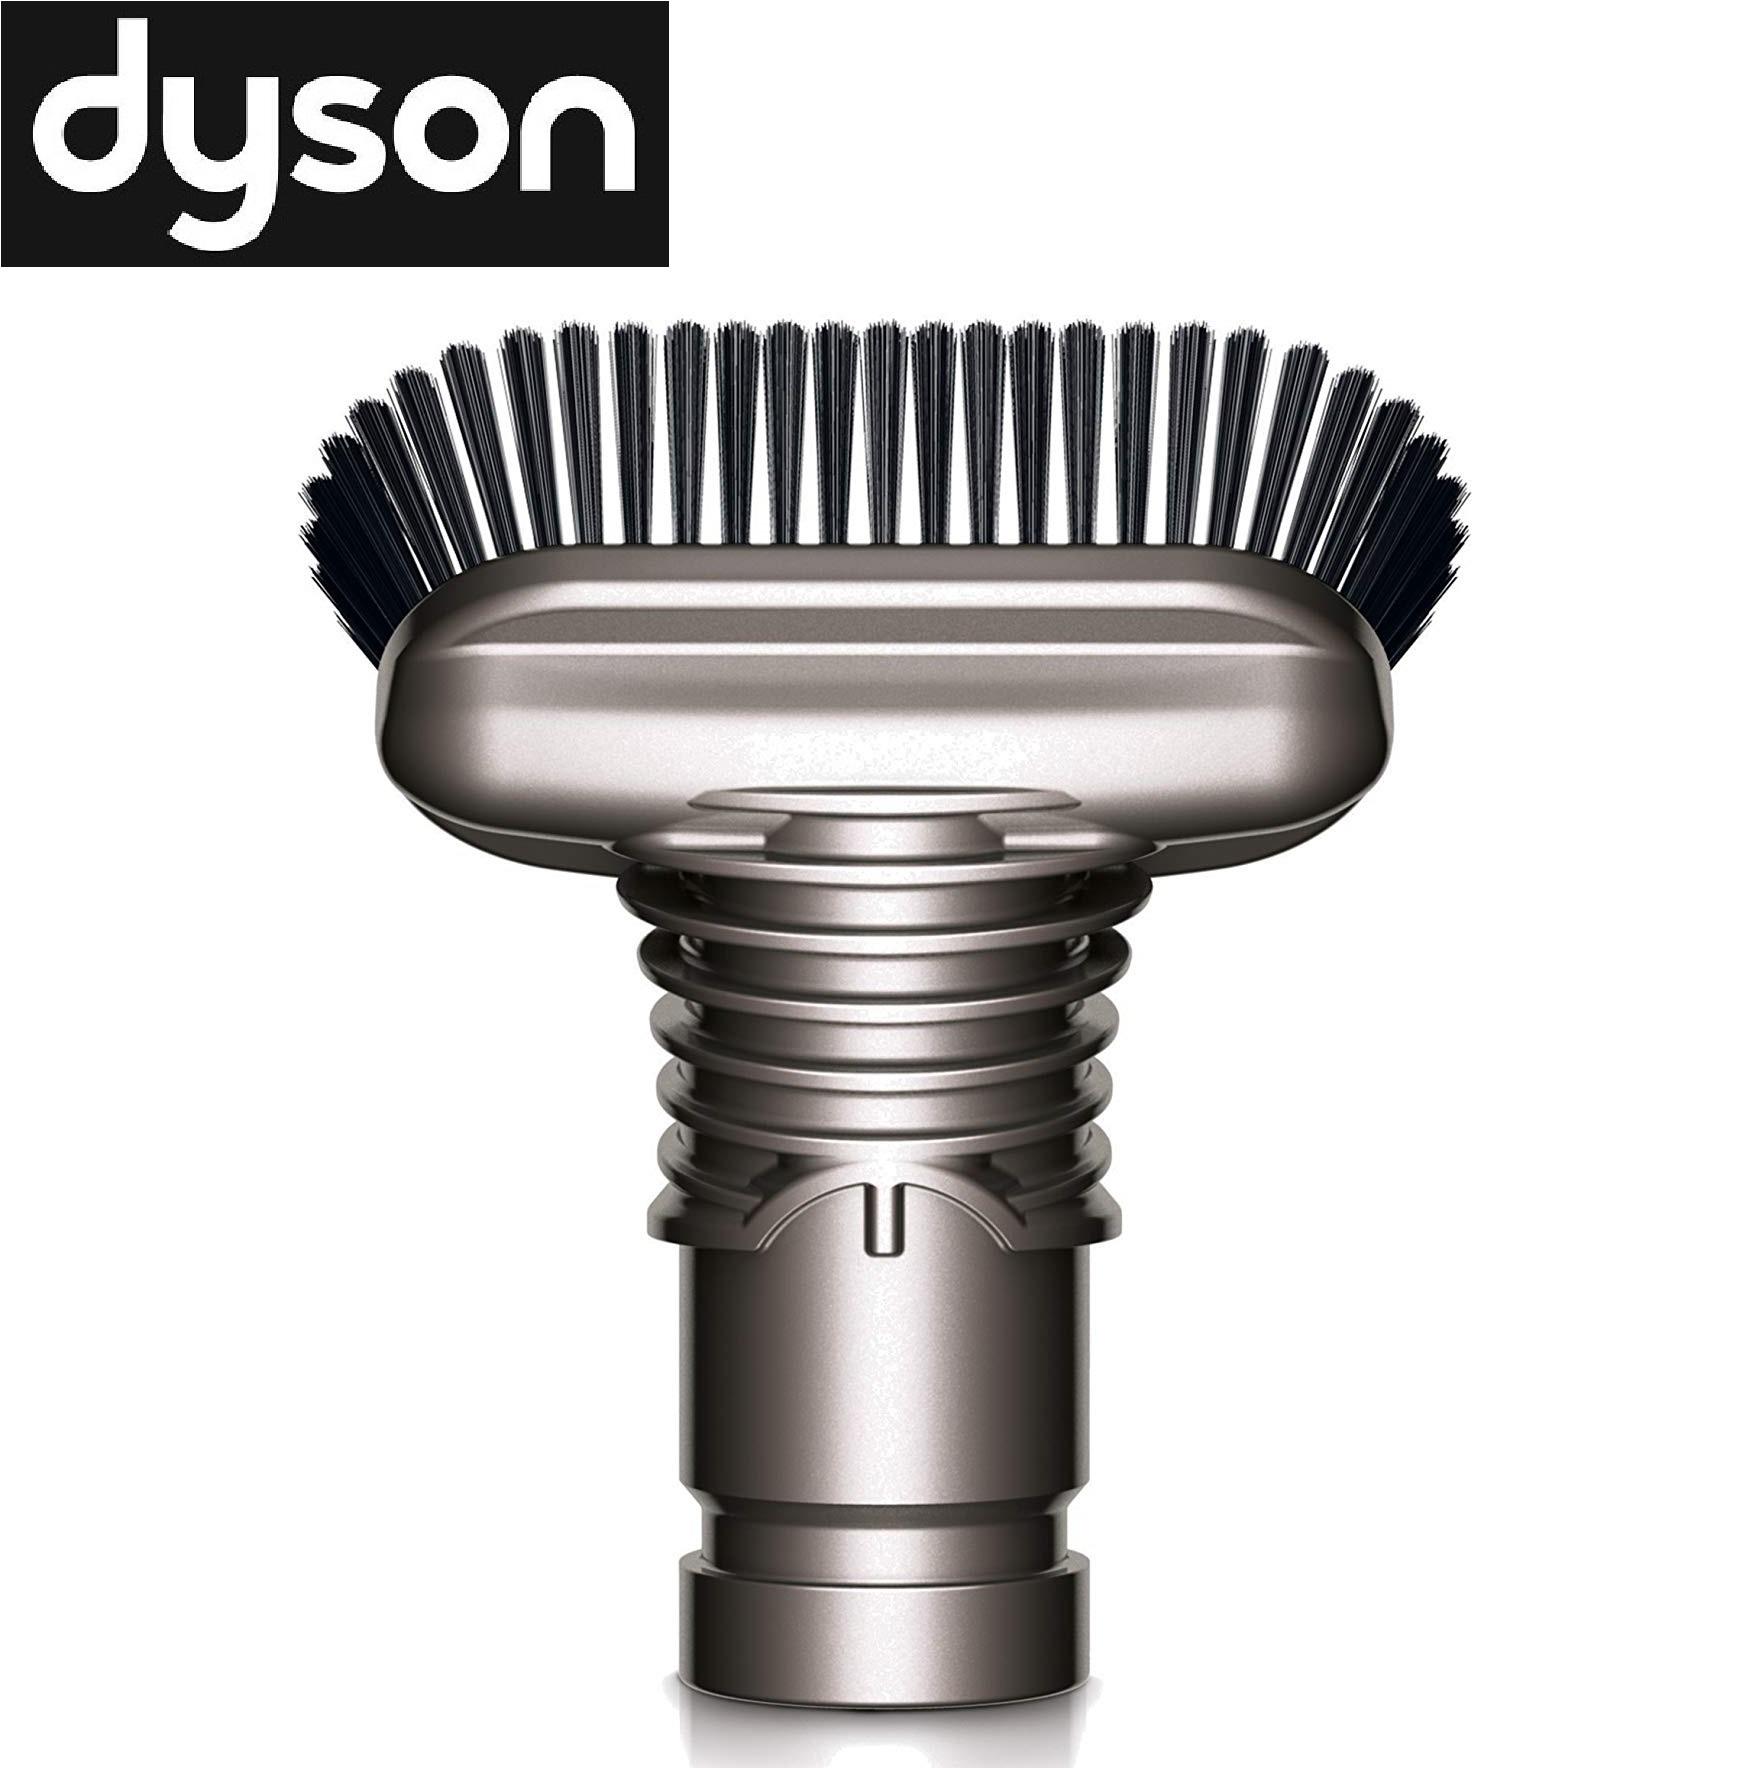 【Dyson】ハードブラシツール(マルチ機種適合)